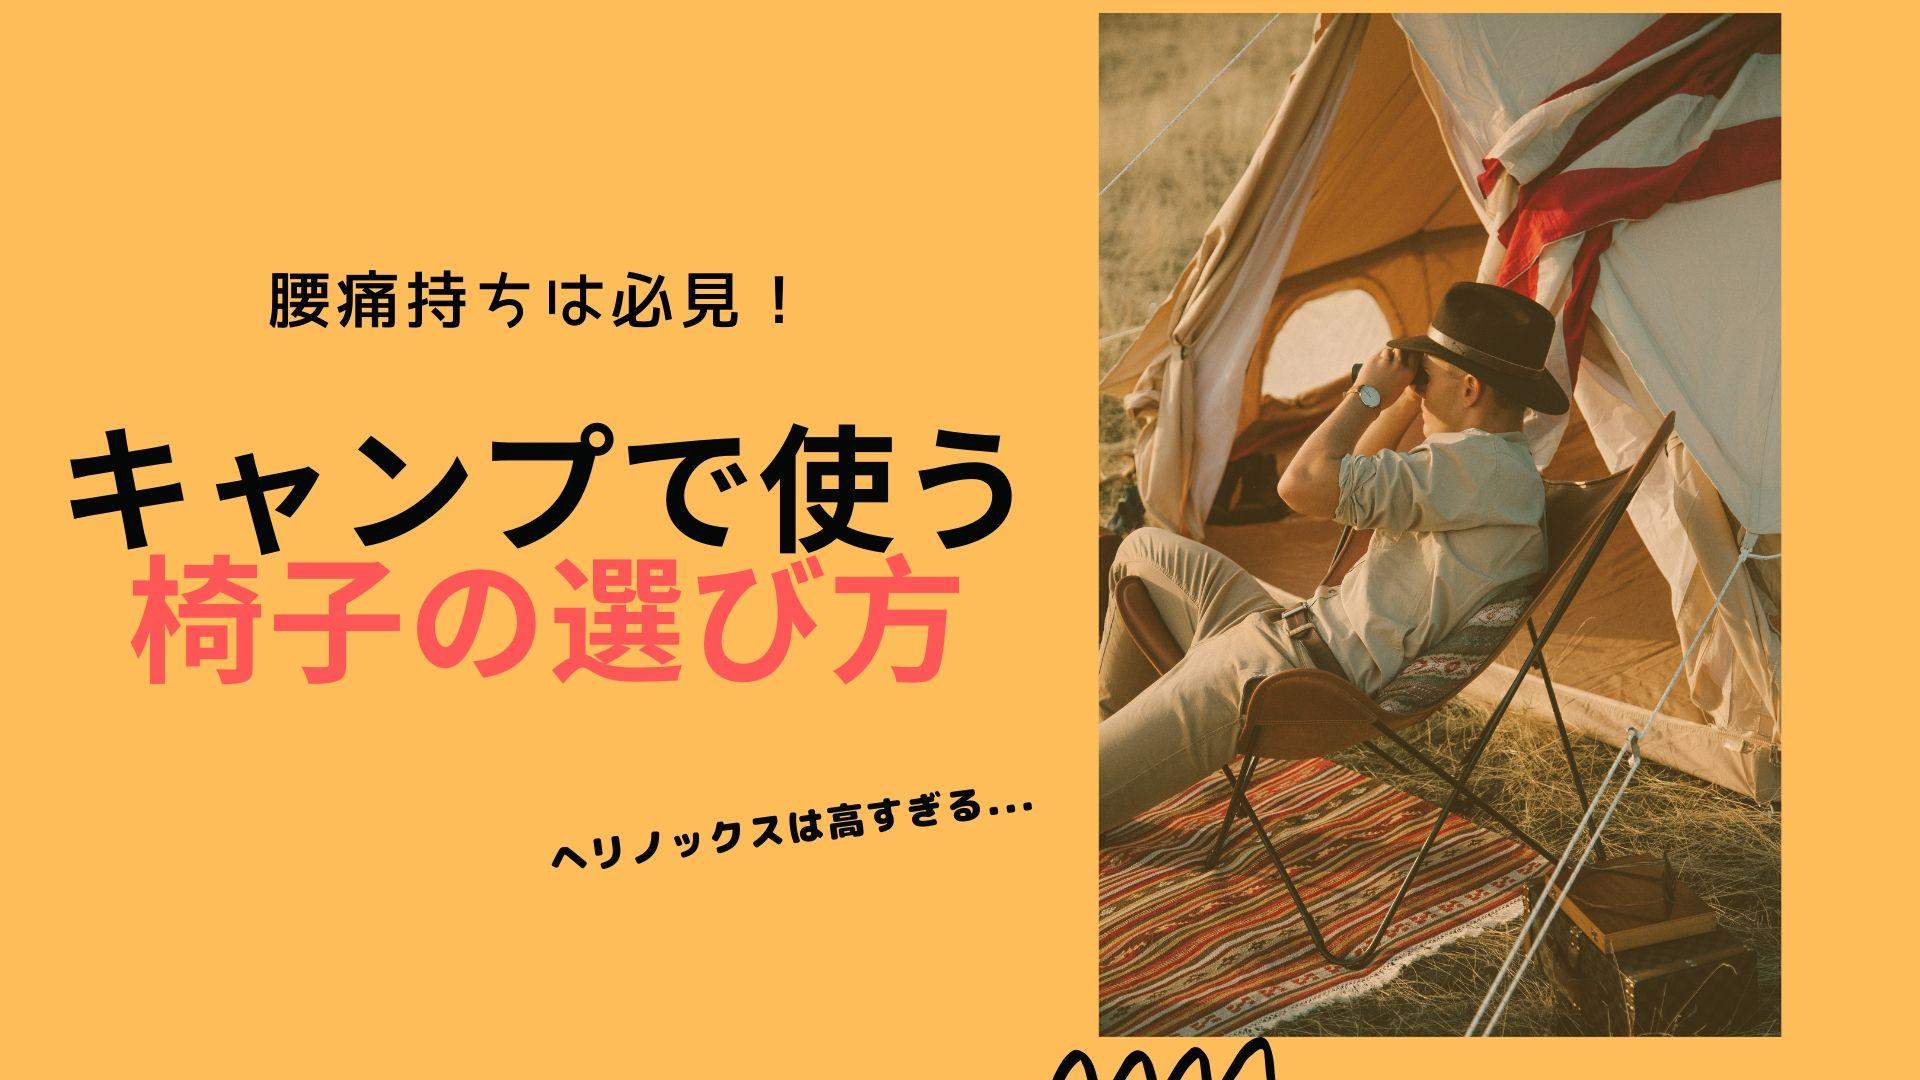 キャンプ記事のアイキャッチ画像